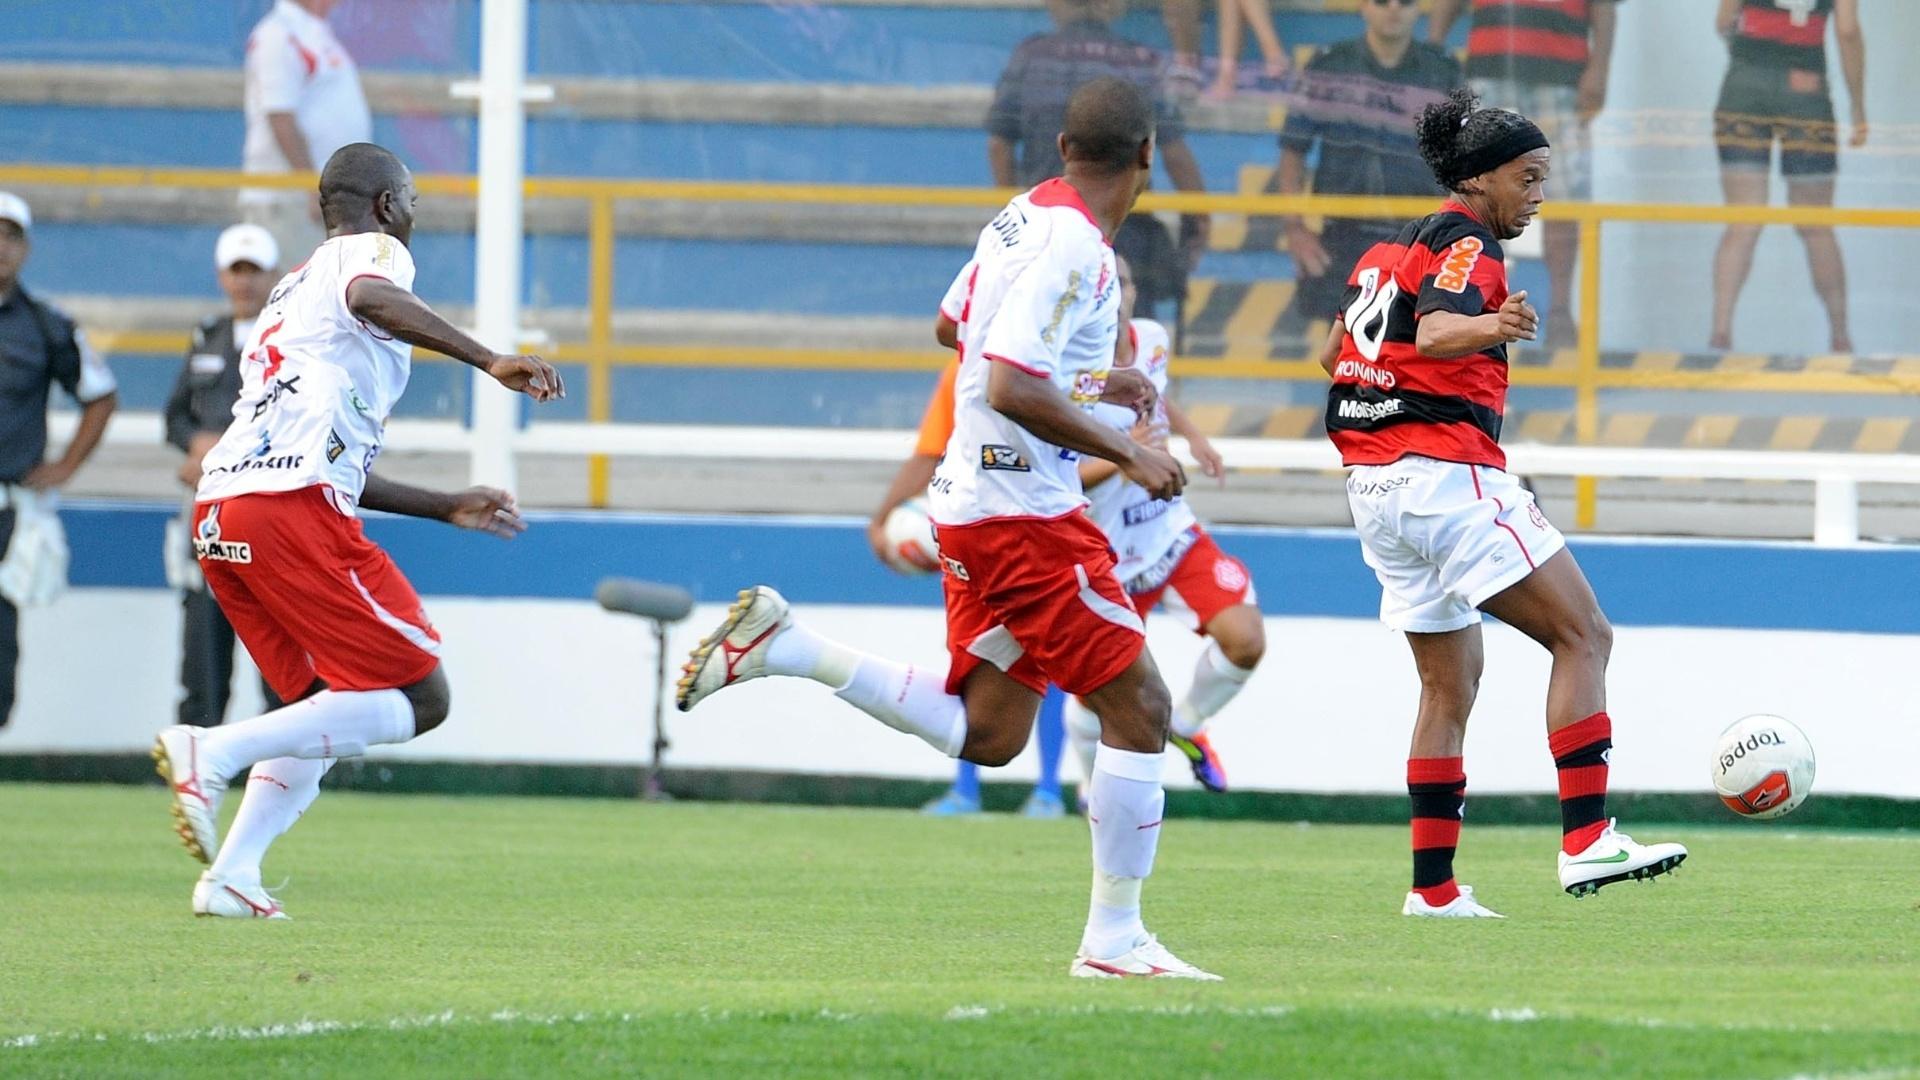 Ronaldinho Gaúcho domina a bola cercado por três marcadores do Bangu durante partida em Macaé